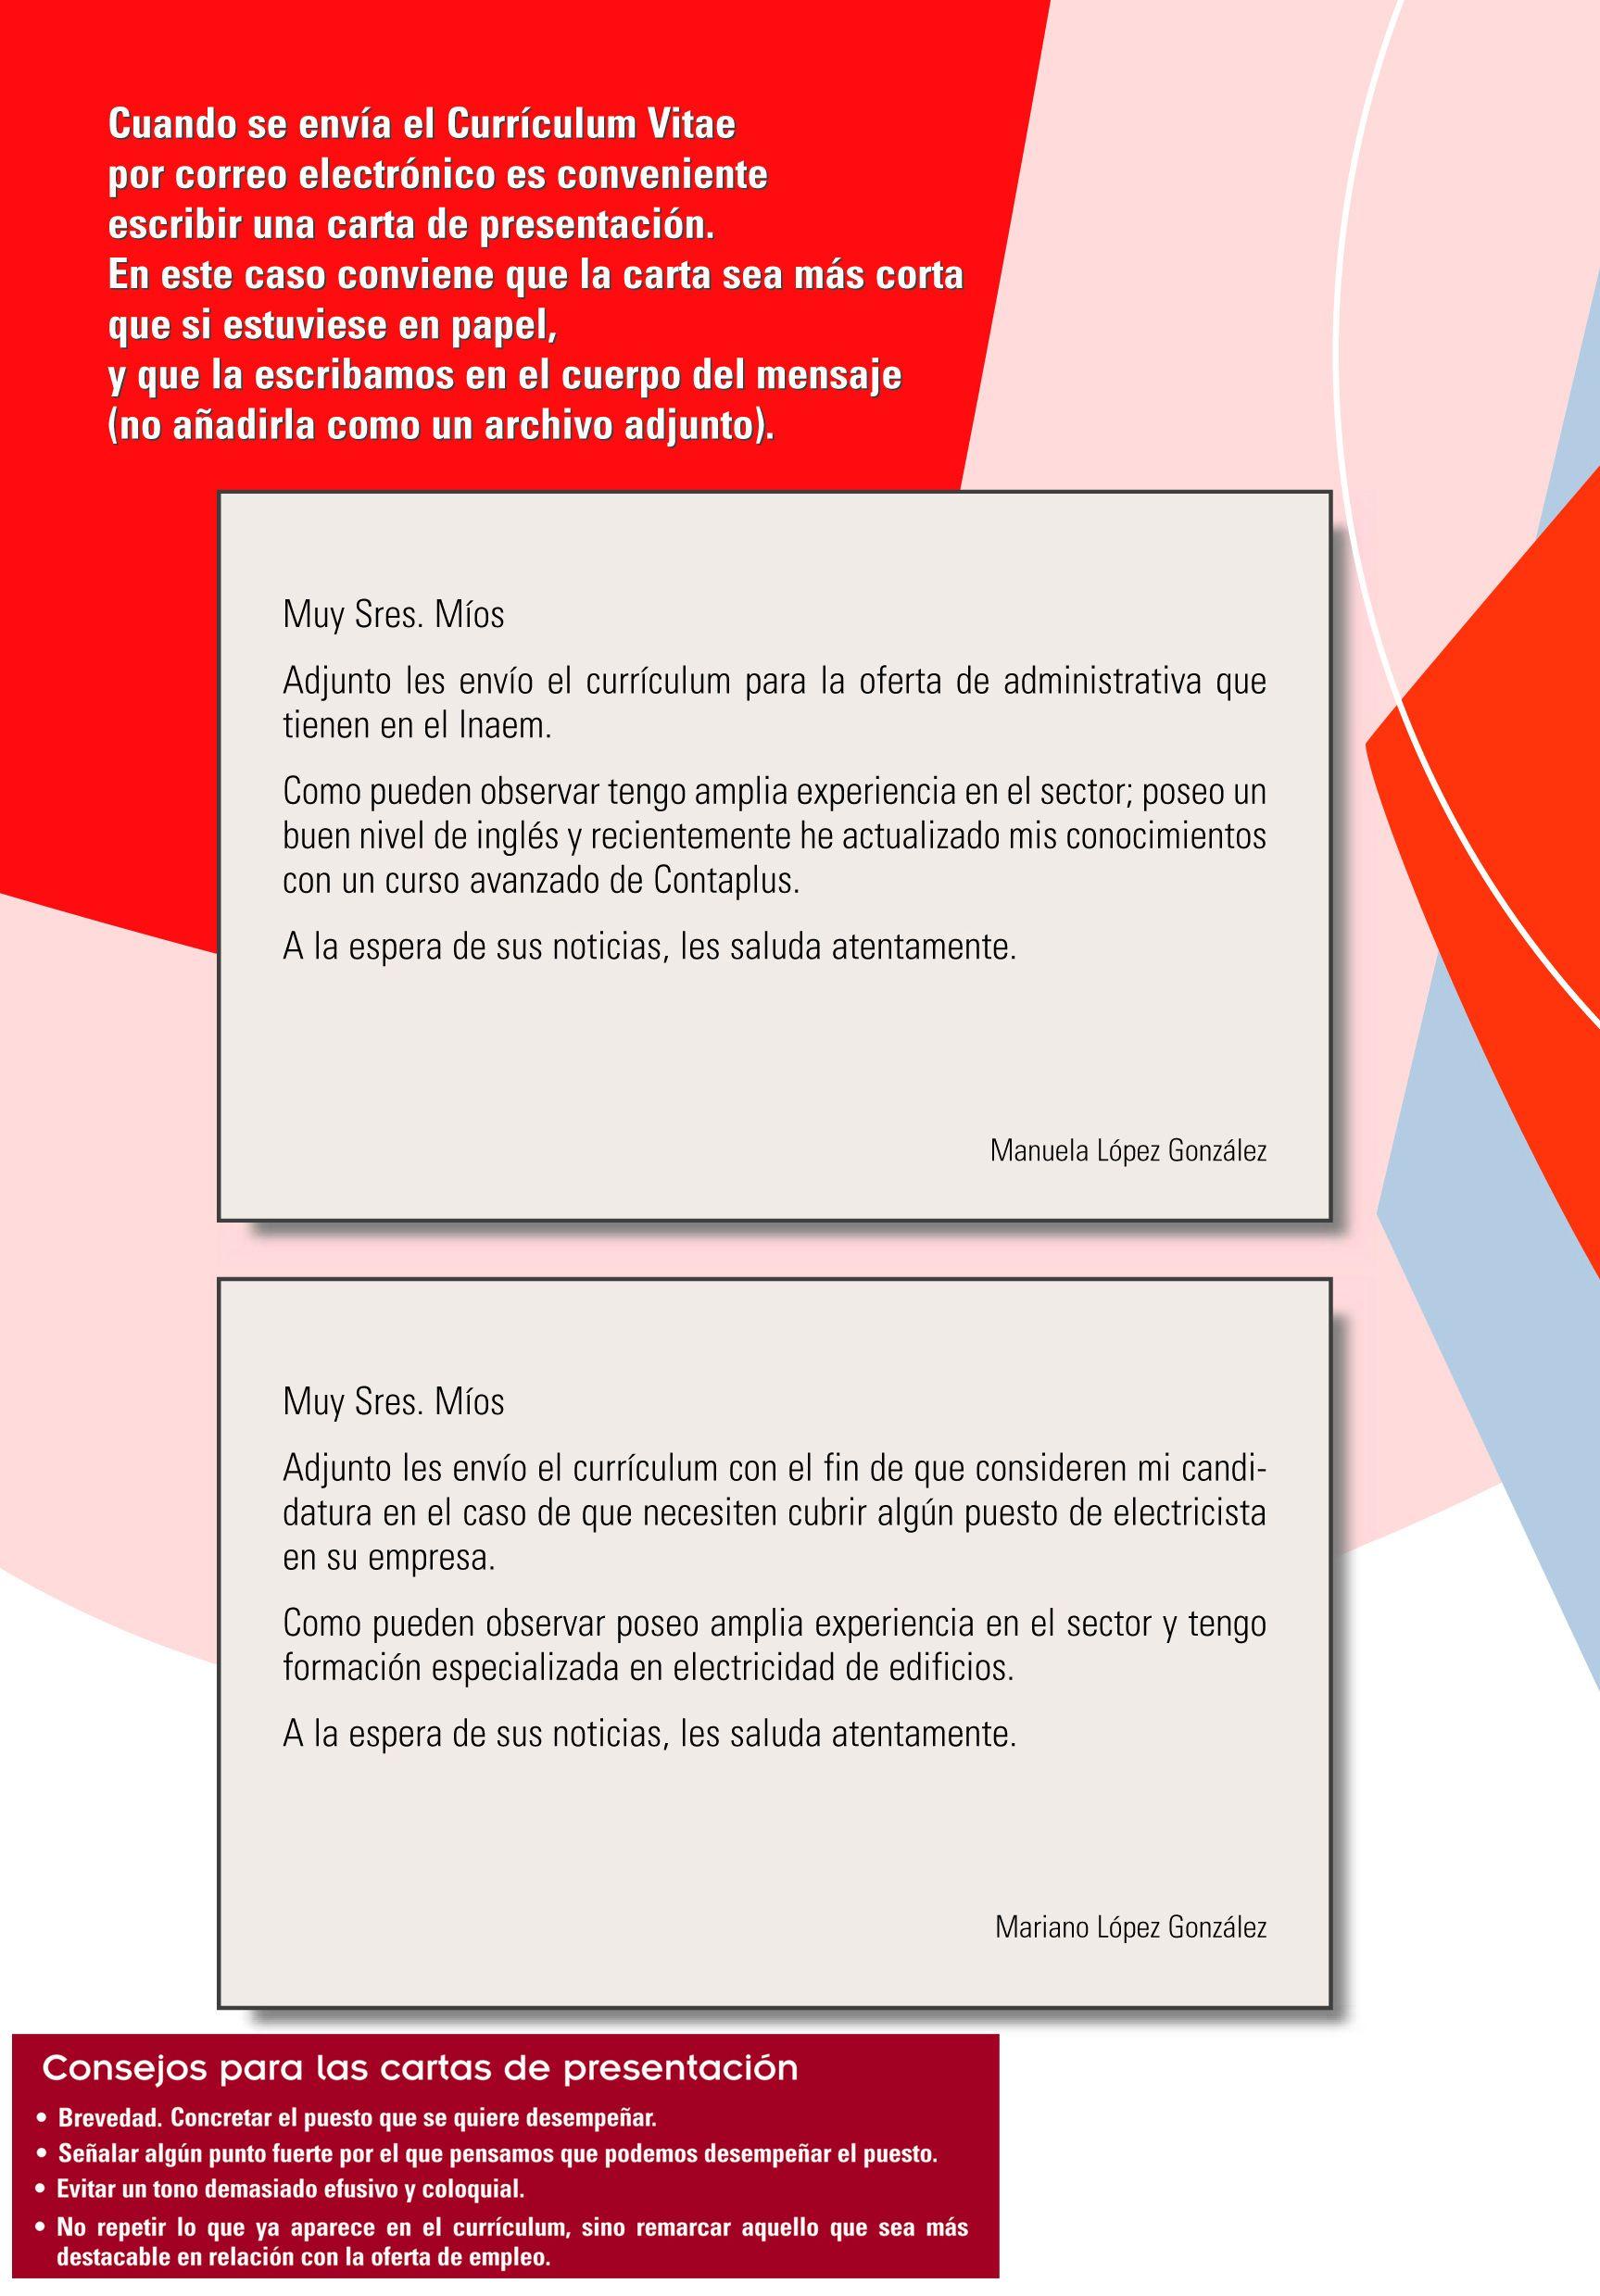 Carta de presentación (parte 2) | CV y Carta de presentación ...